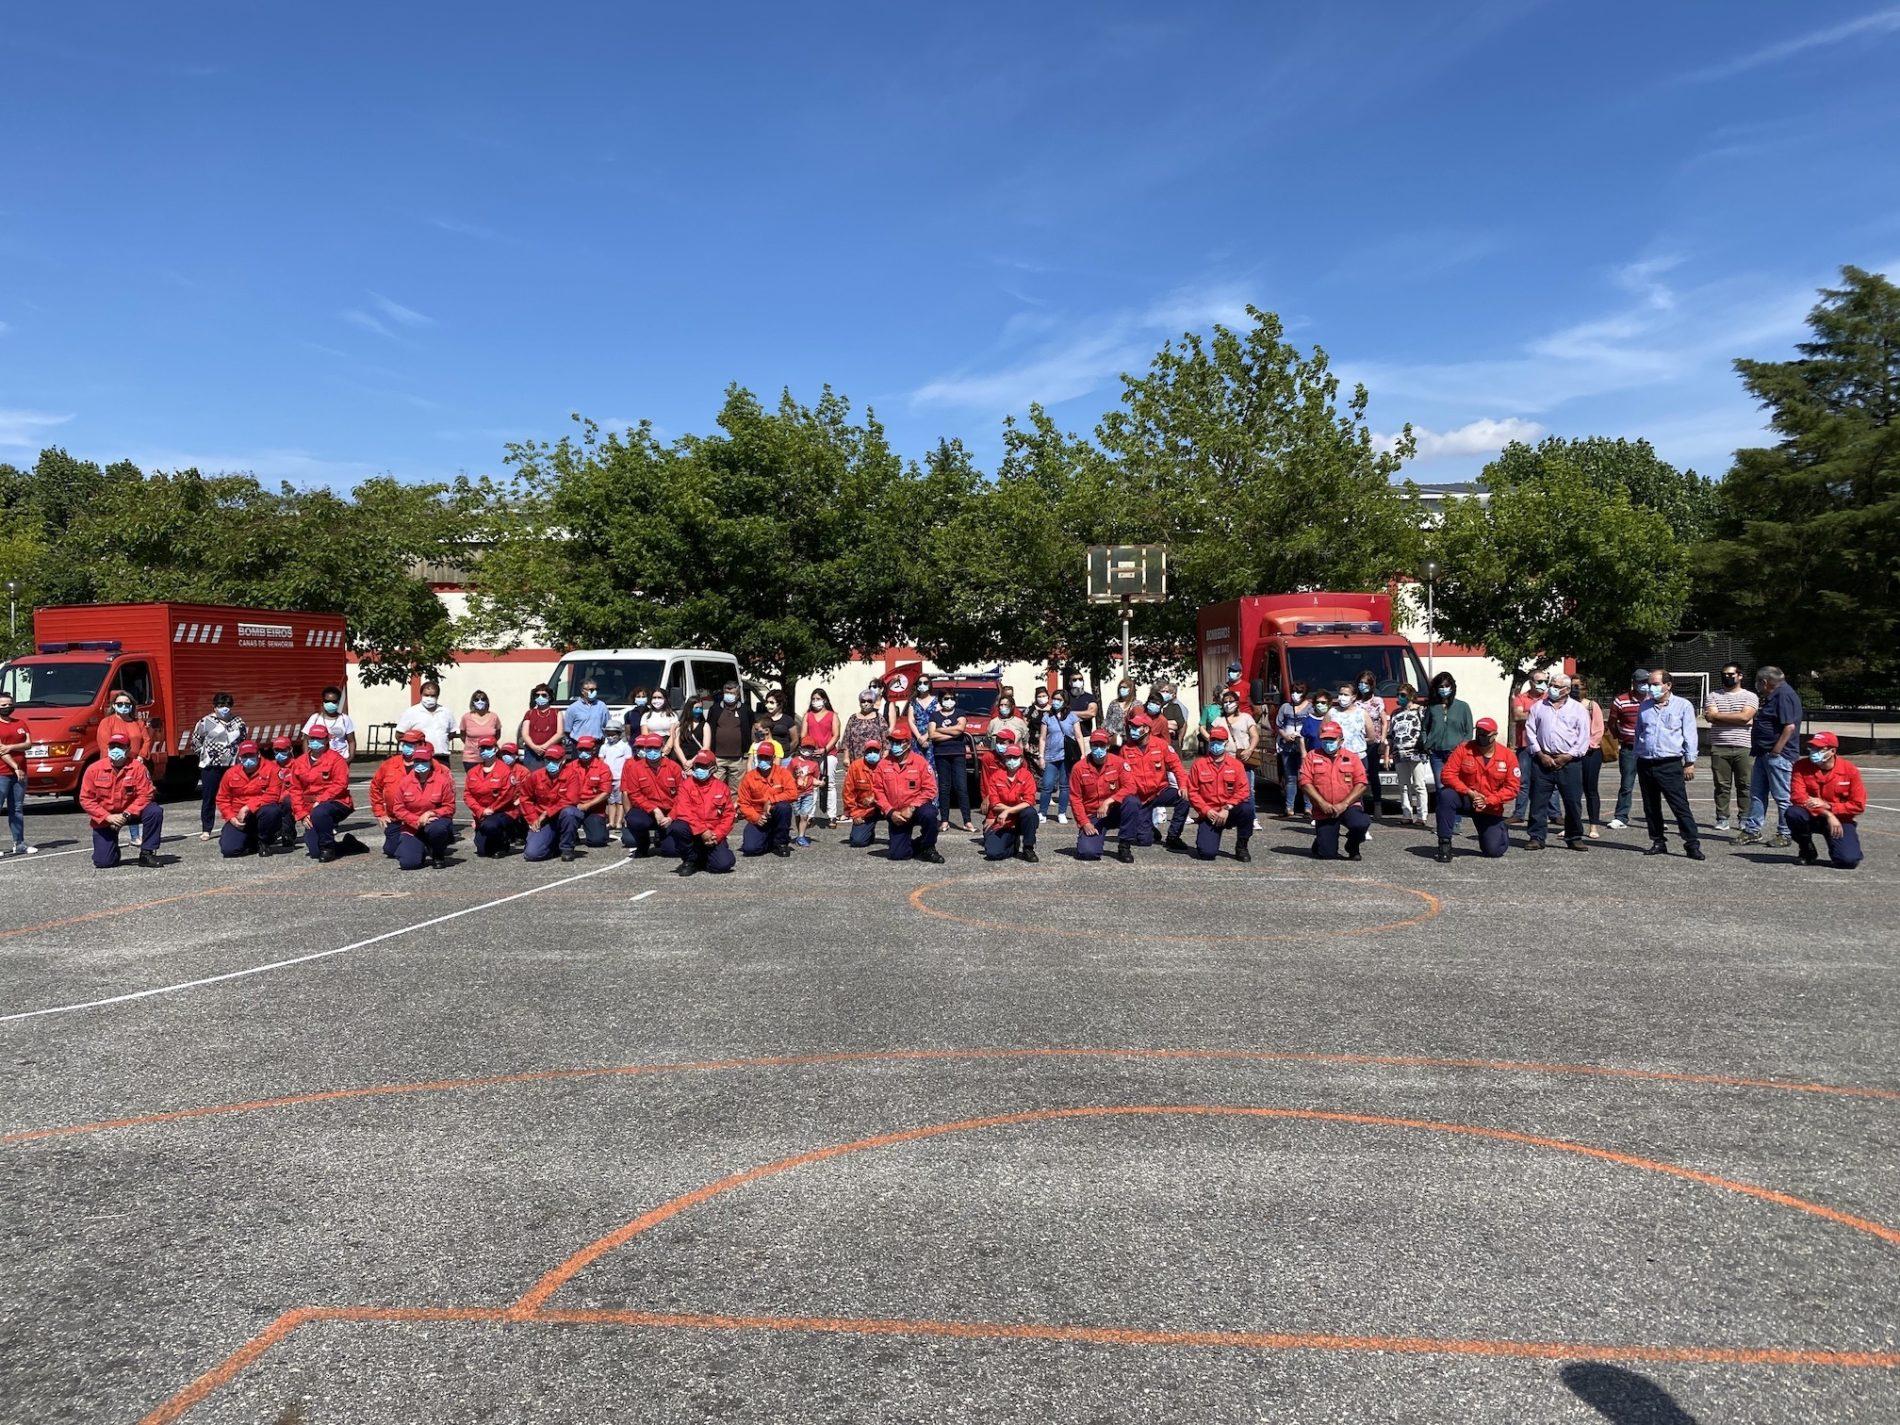 Associações do Carnaval de Canas de Senhorim entregaram material de proteção a bombeiros da região